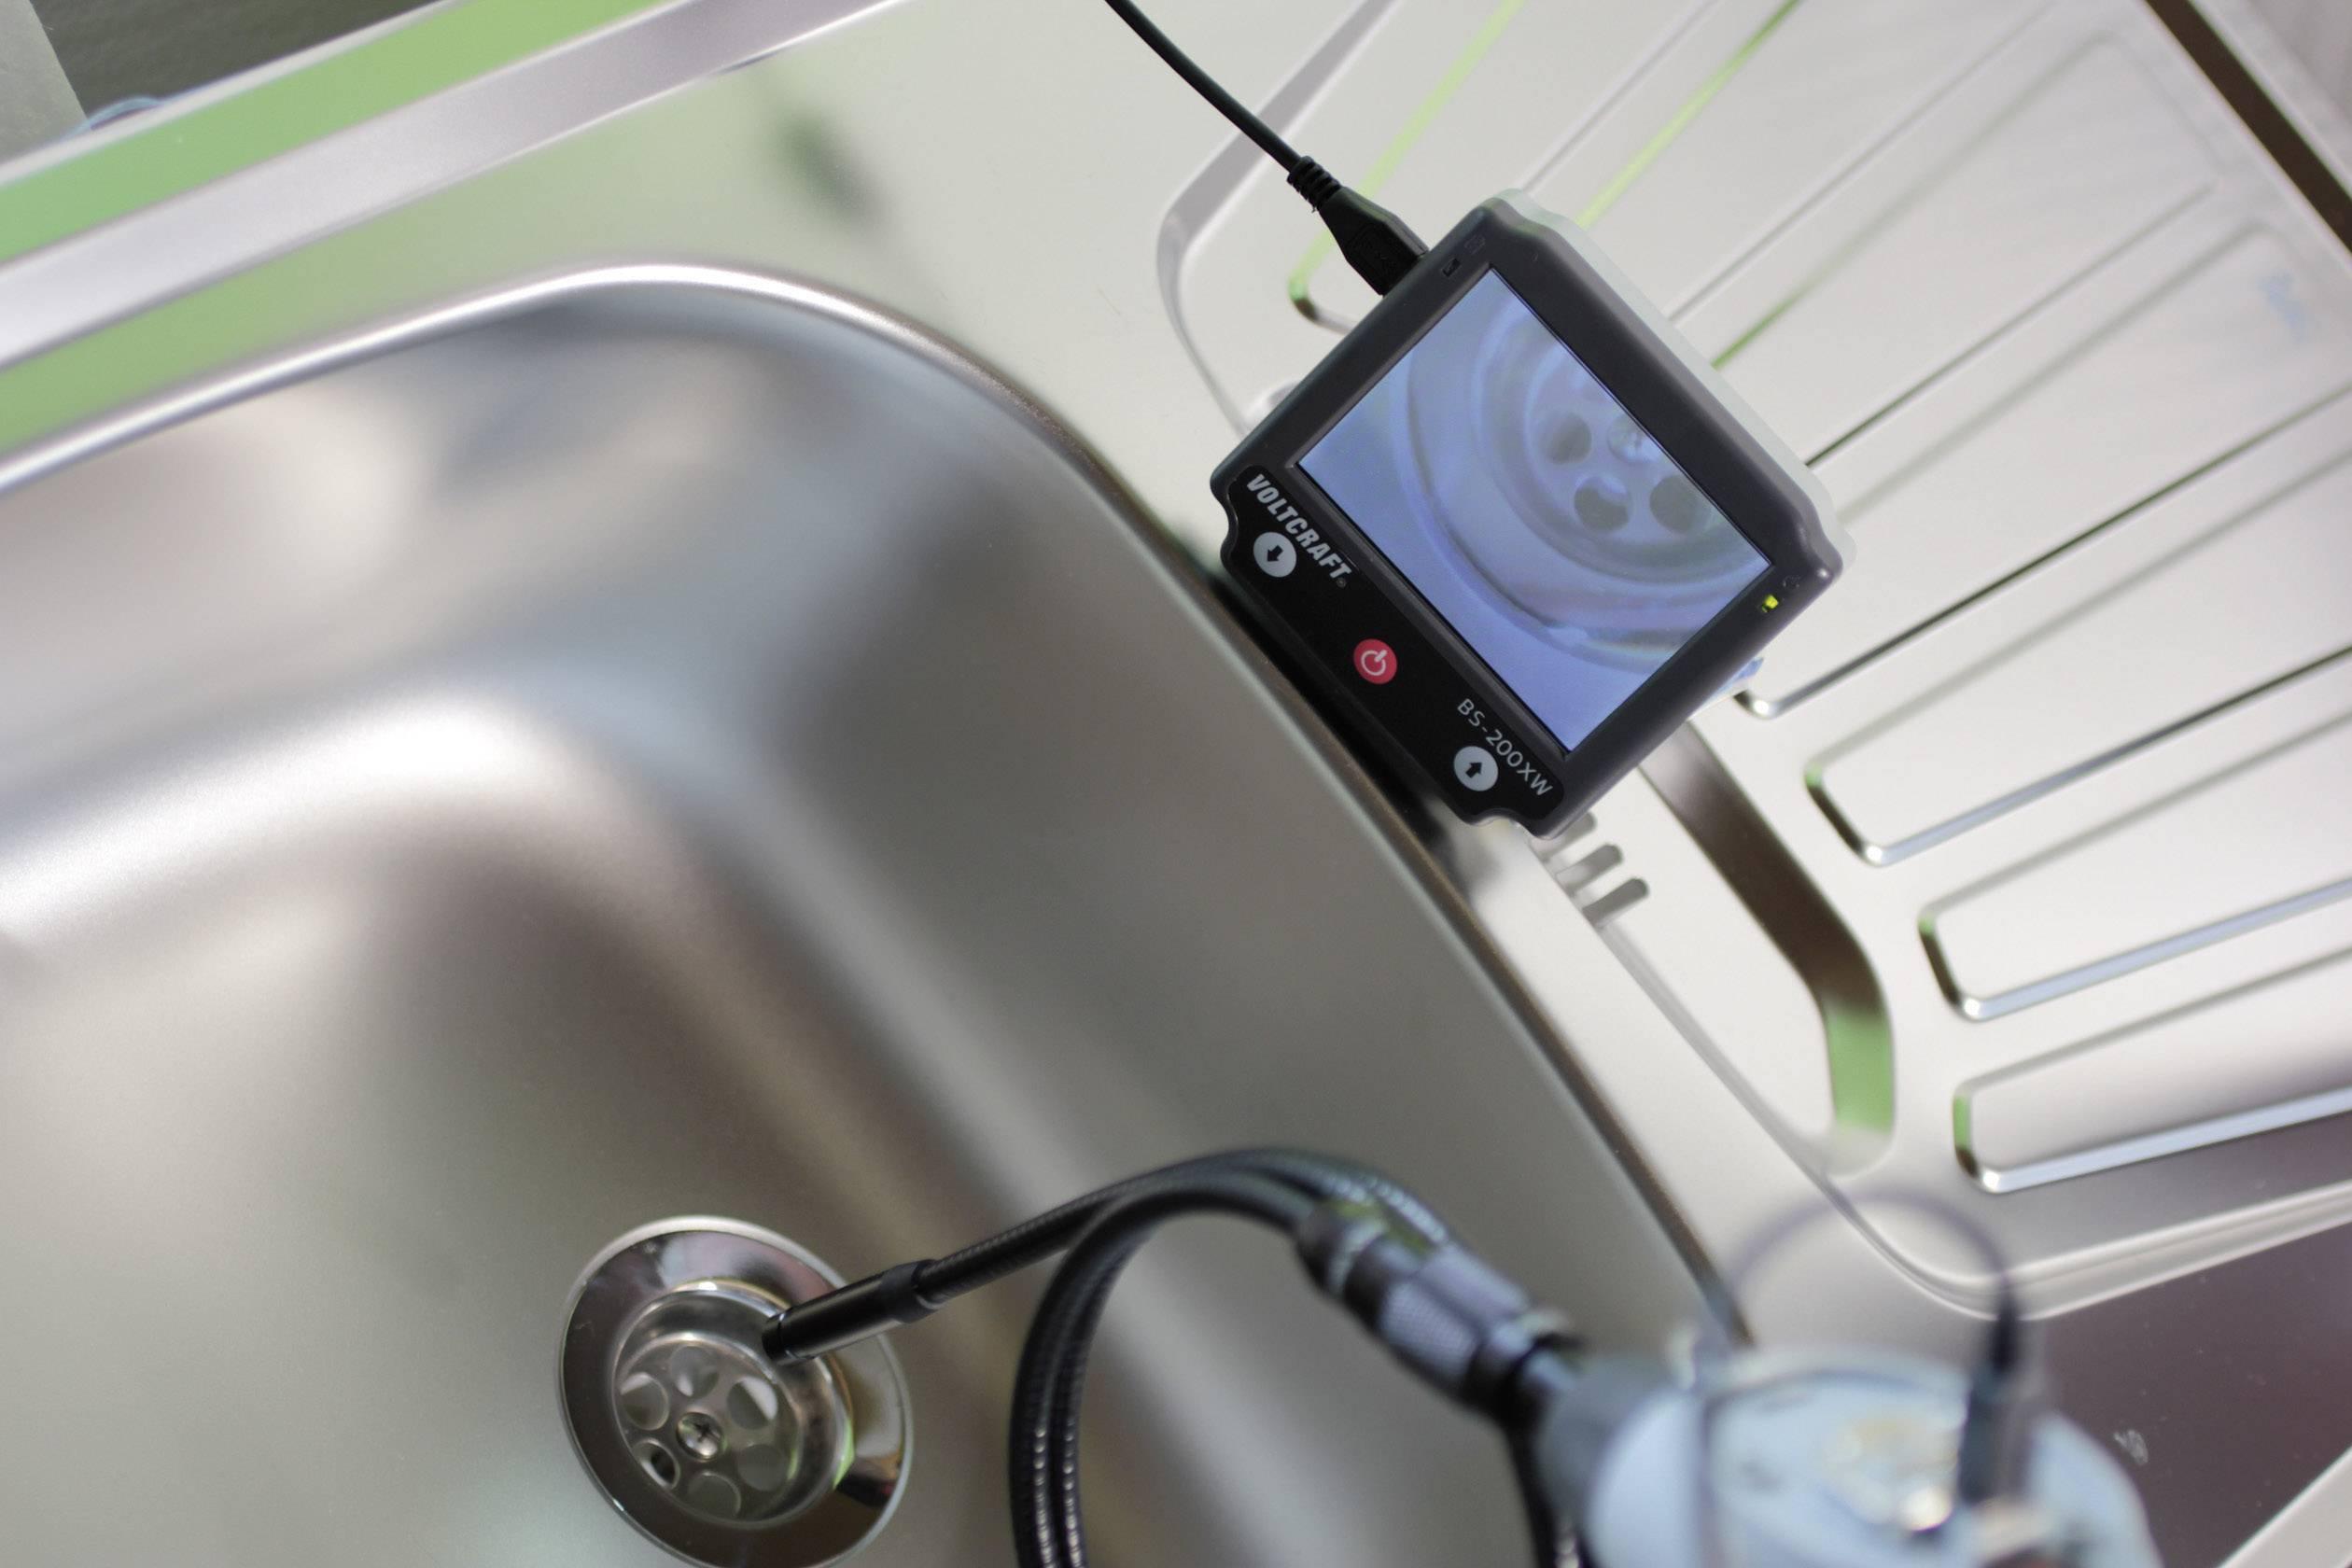 Endoskop VOLTCRAFT BS-200XW, Ø sondy: 9.8 mm, dĺžka sondy: 88 cm